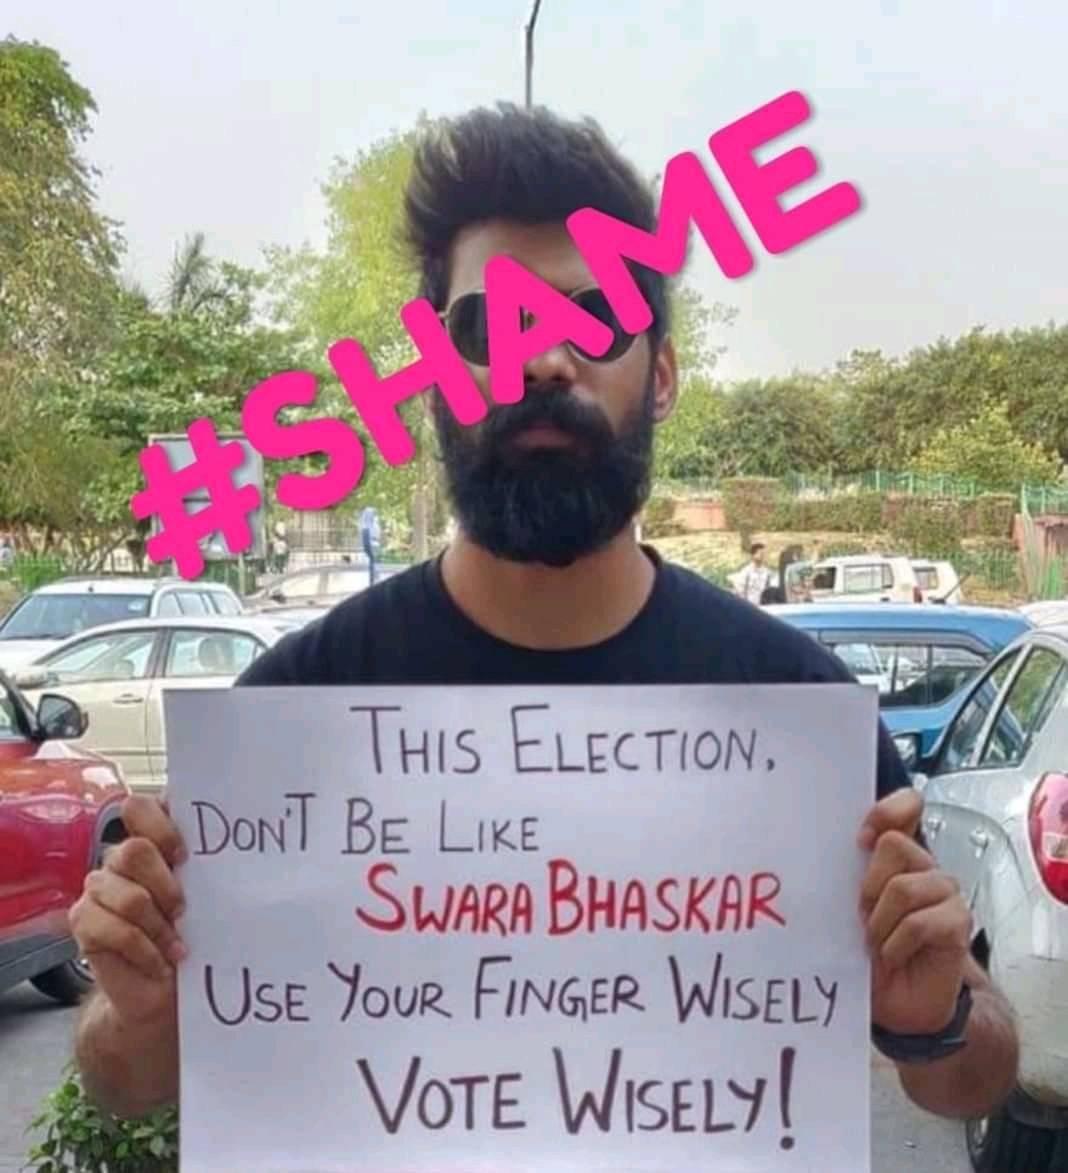 Poster shame against Swara Bhaskar